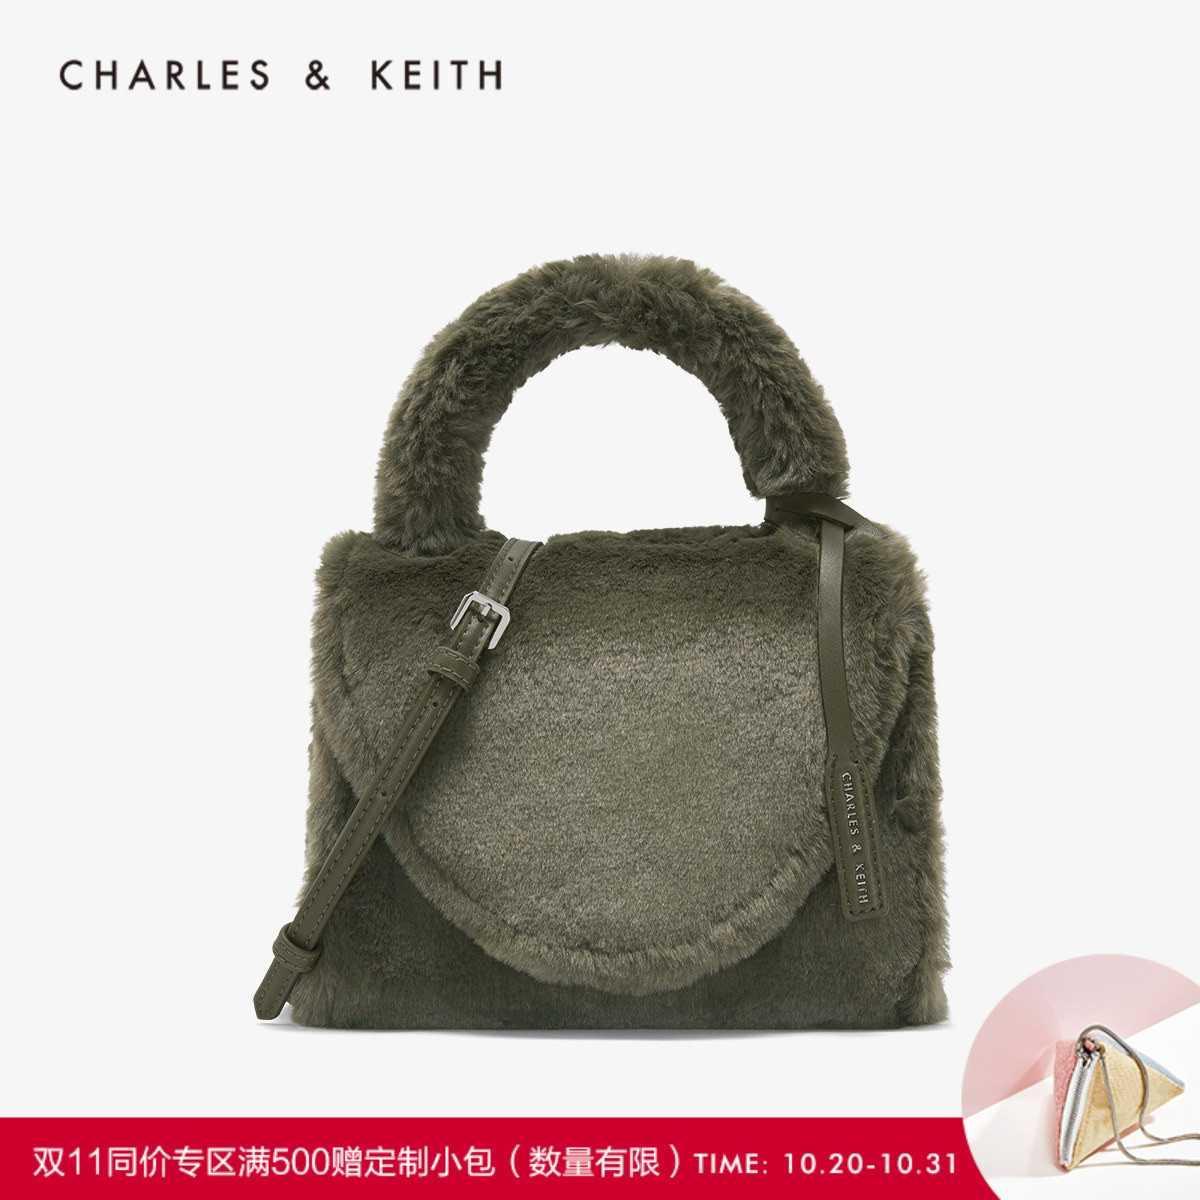 CHARLES&KEITH2019冬新品CK2-50781020毛绒包面翻盖手提单肩包女